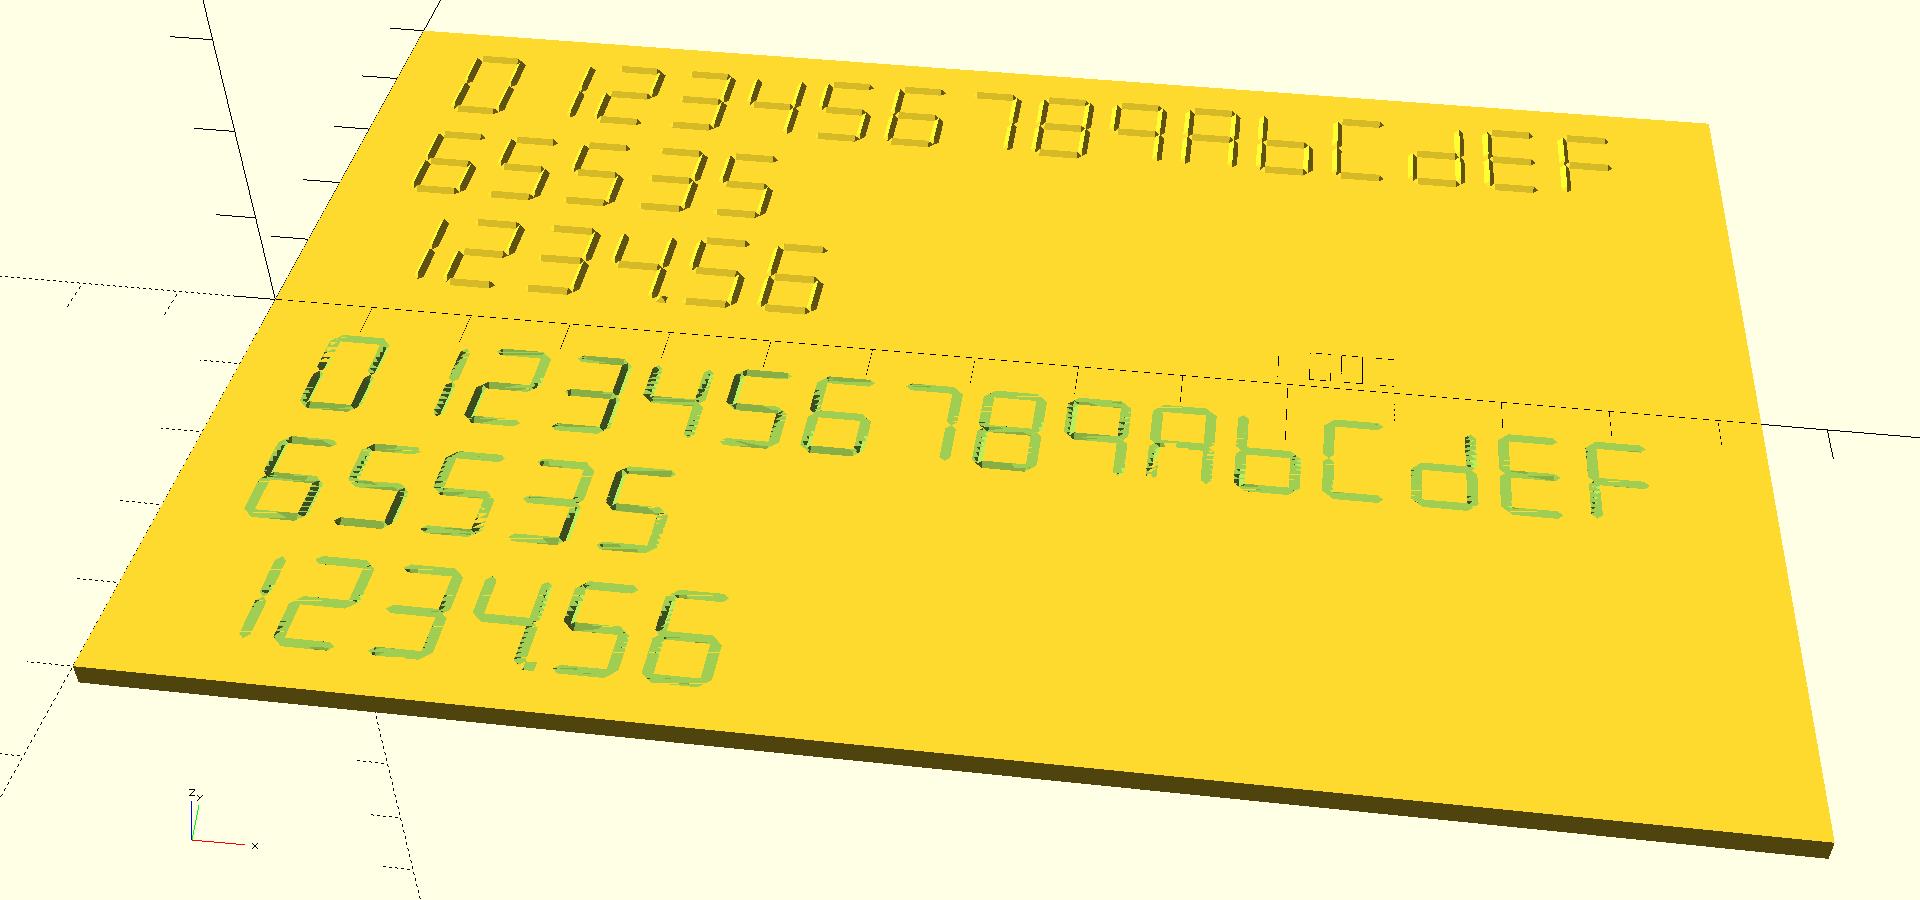 digit7.scad unittest